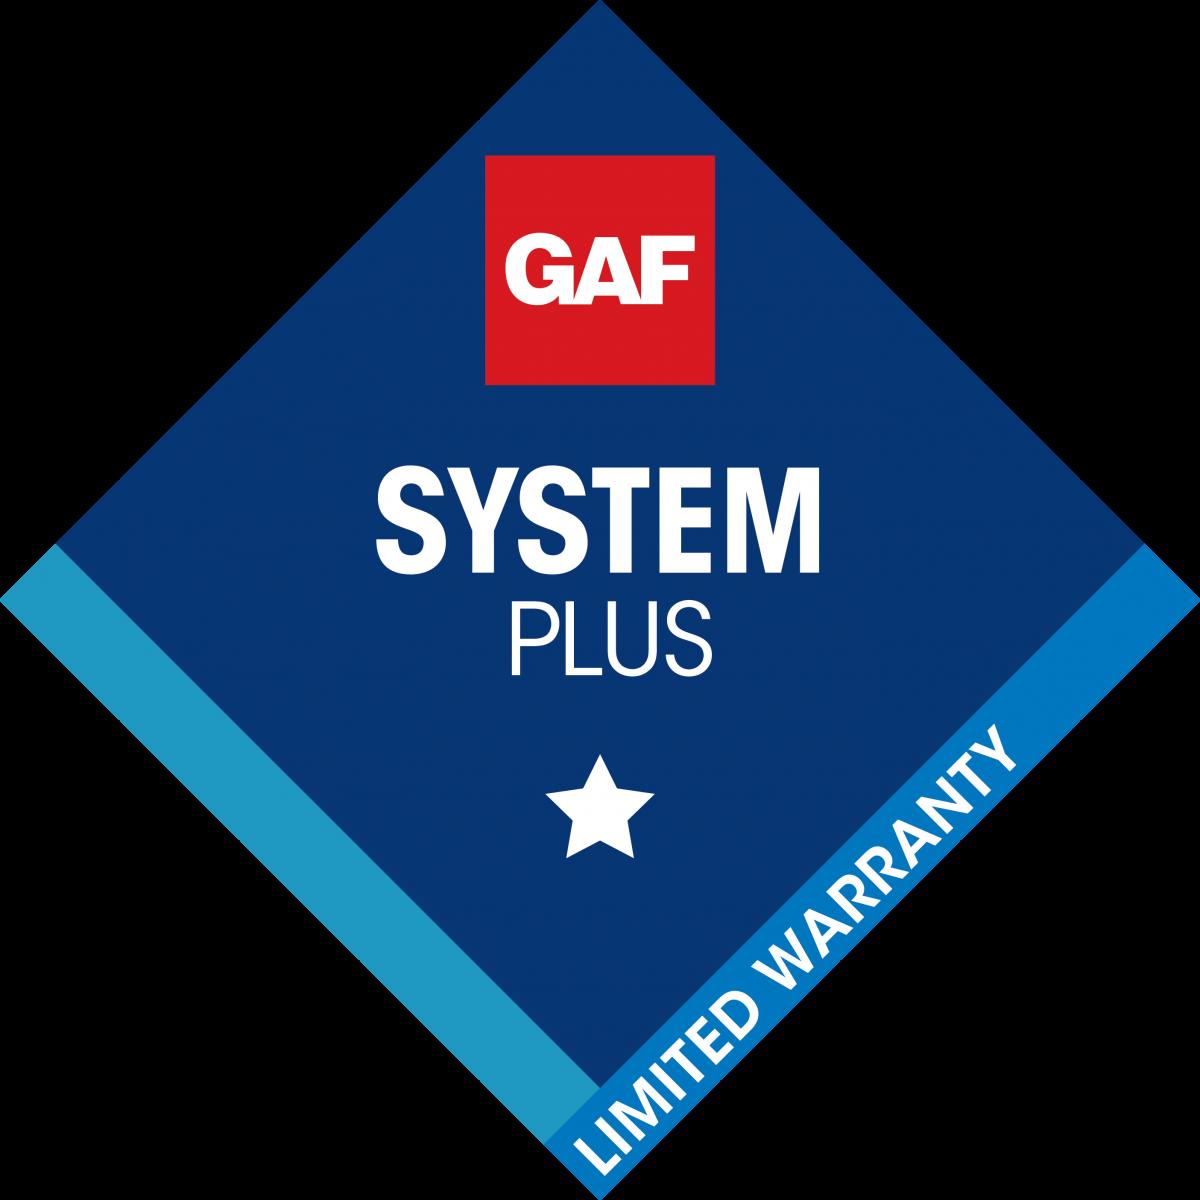 GAF System Plus Warranty